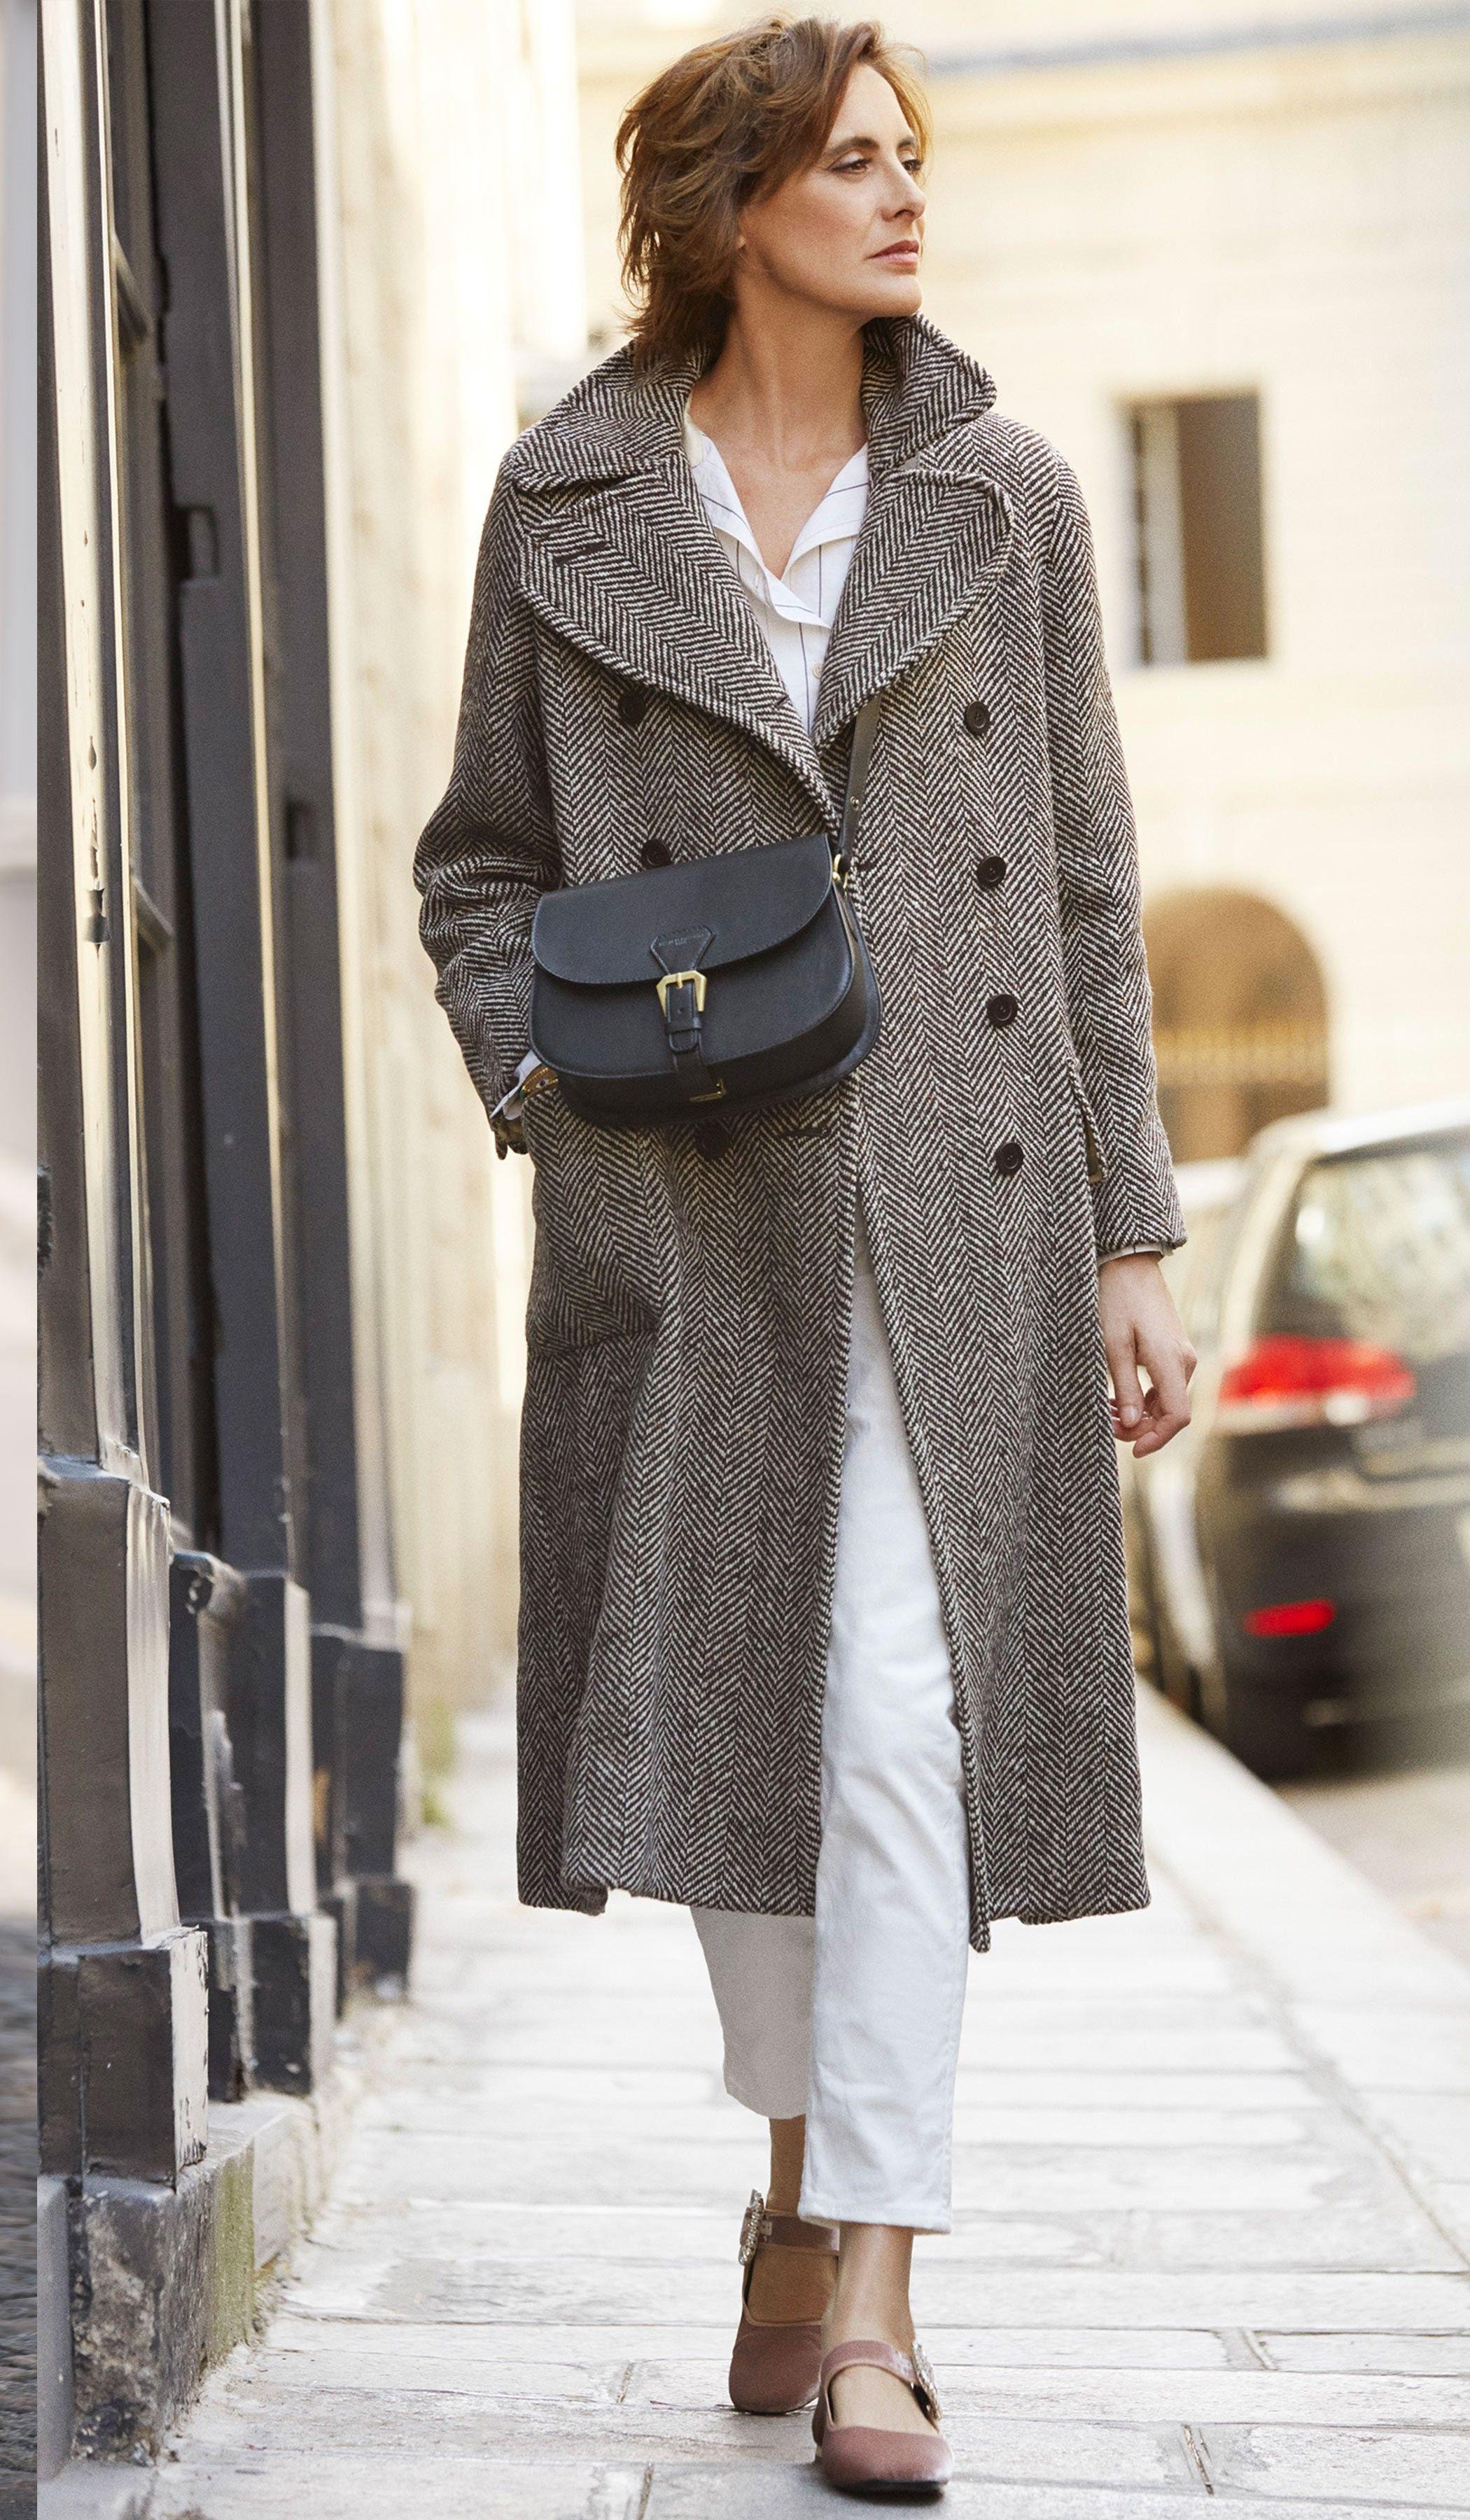 Style: INES DE LA FRESSANGE | 200+ articles and images